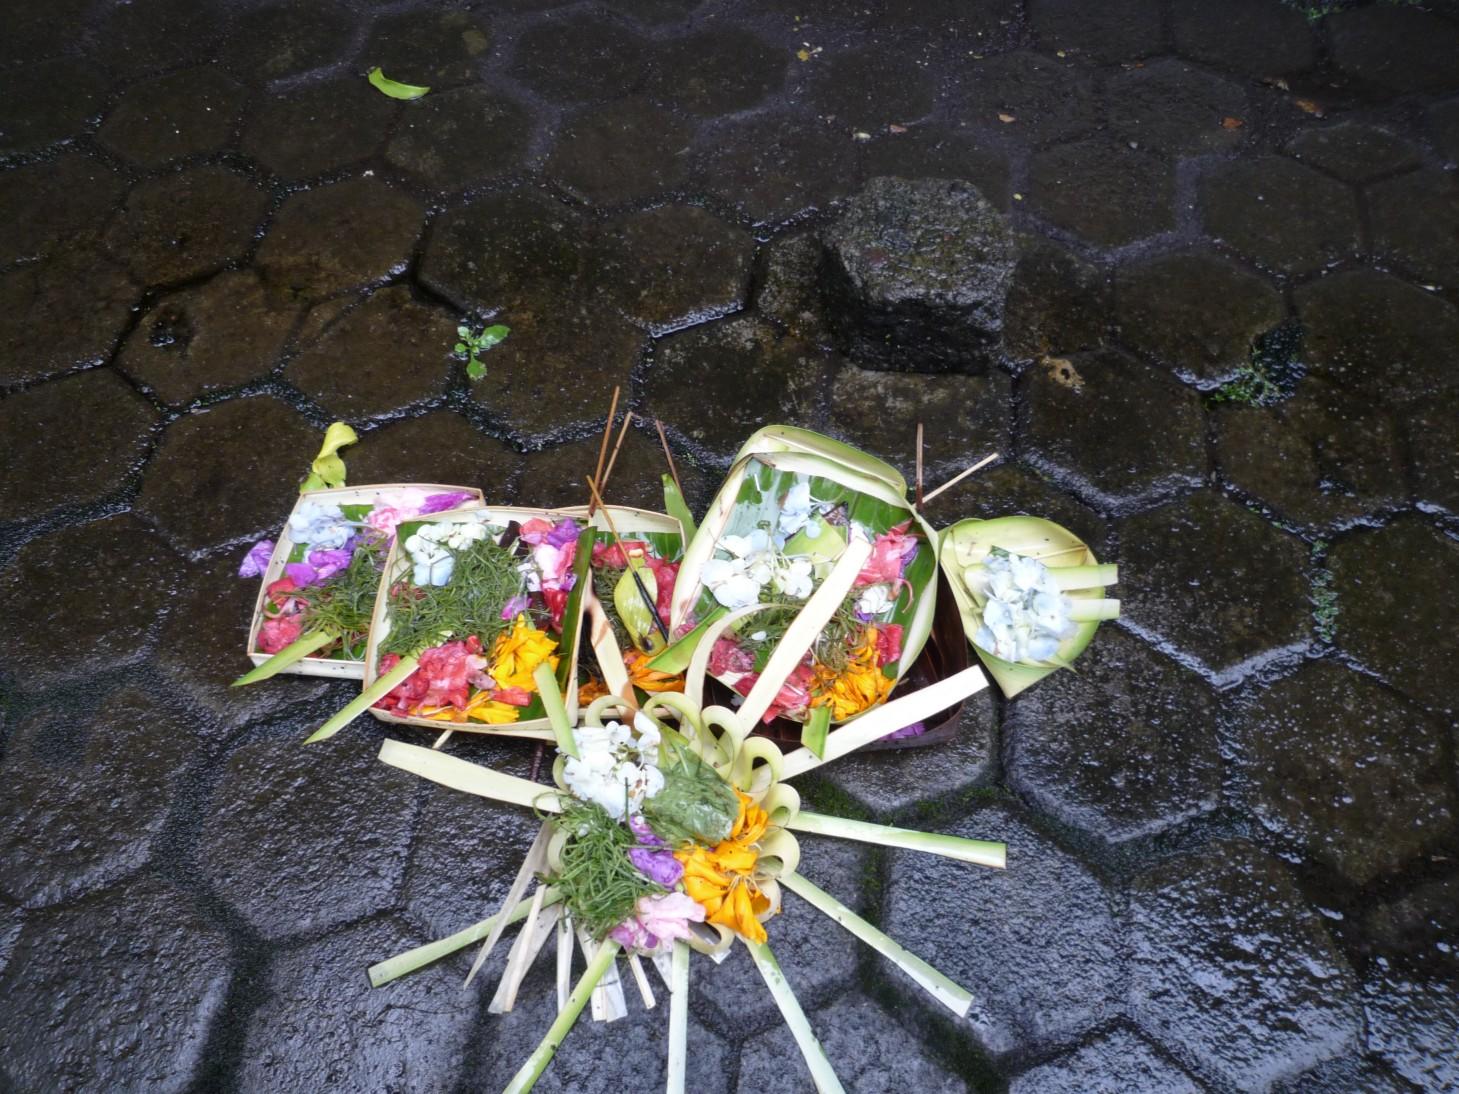 巴厘岛到处都有这种小花篮,似乎是祭祀用的   里面还有紫阳花